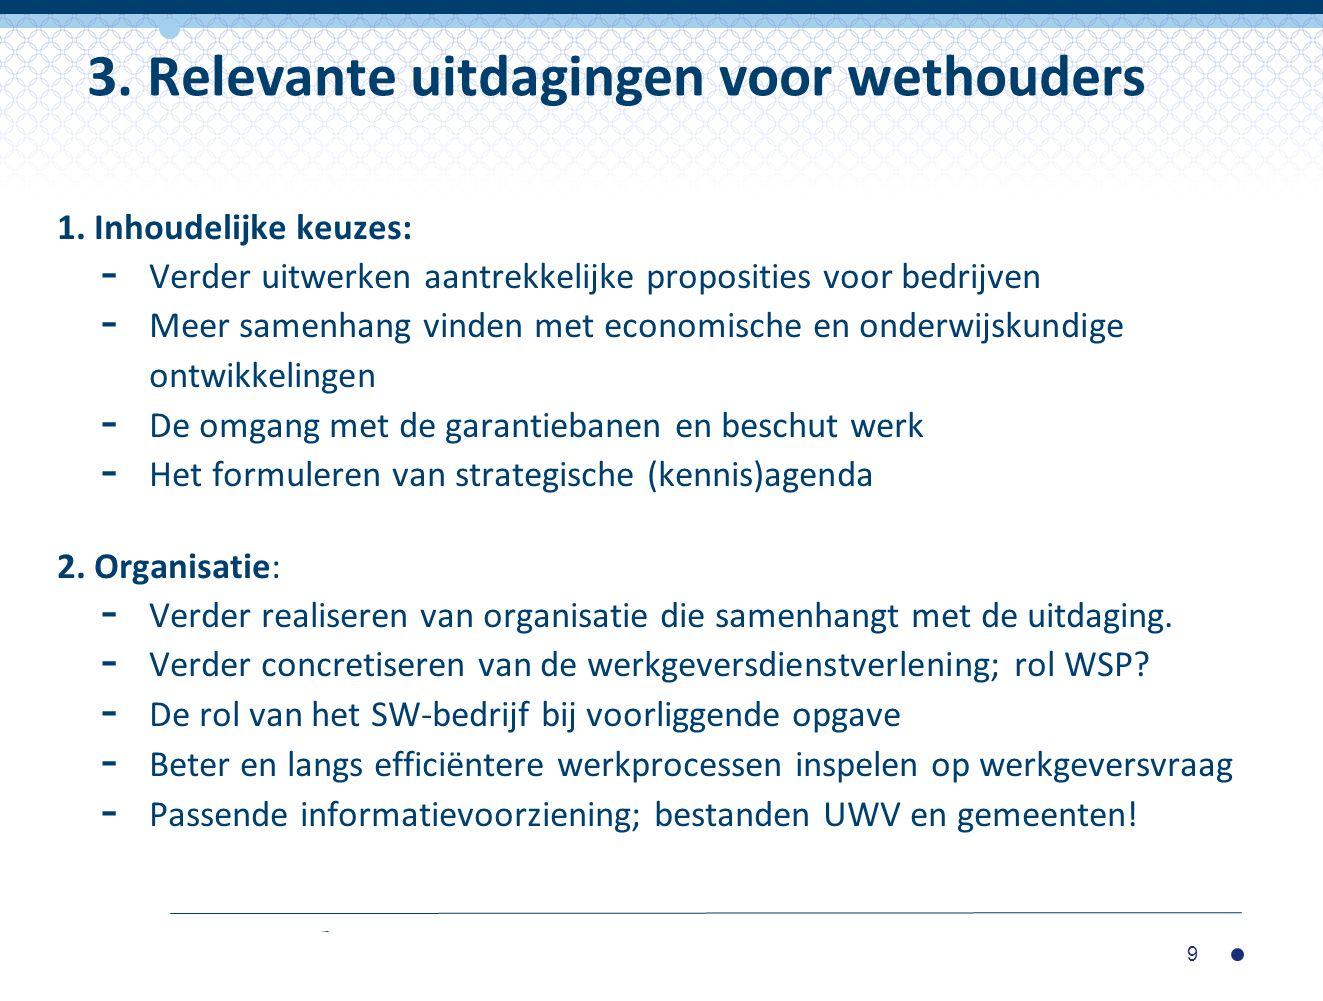 1. Inhoudelijke keuzes: - Verder uitwerken aantrekkelijke proposities voor bedrijven - Meer samenhang vinden met economische en onderwijskundige ontwi